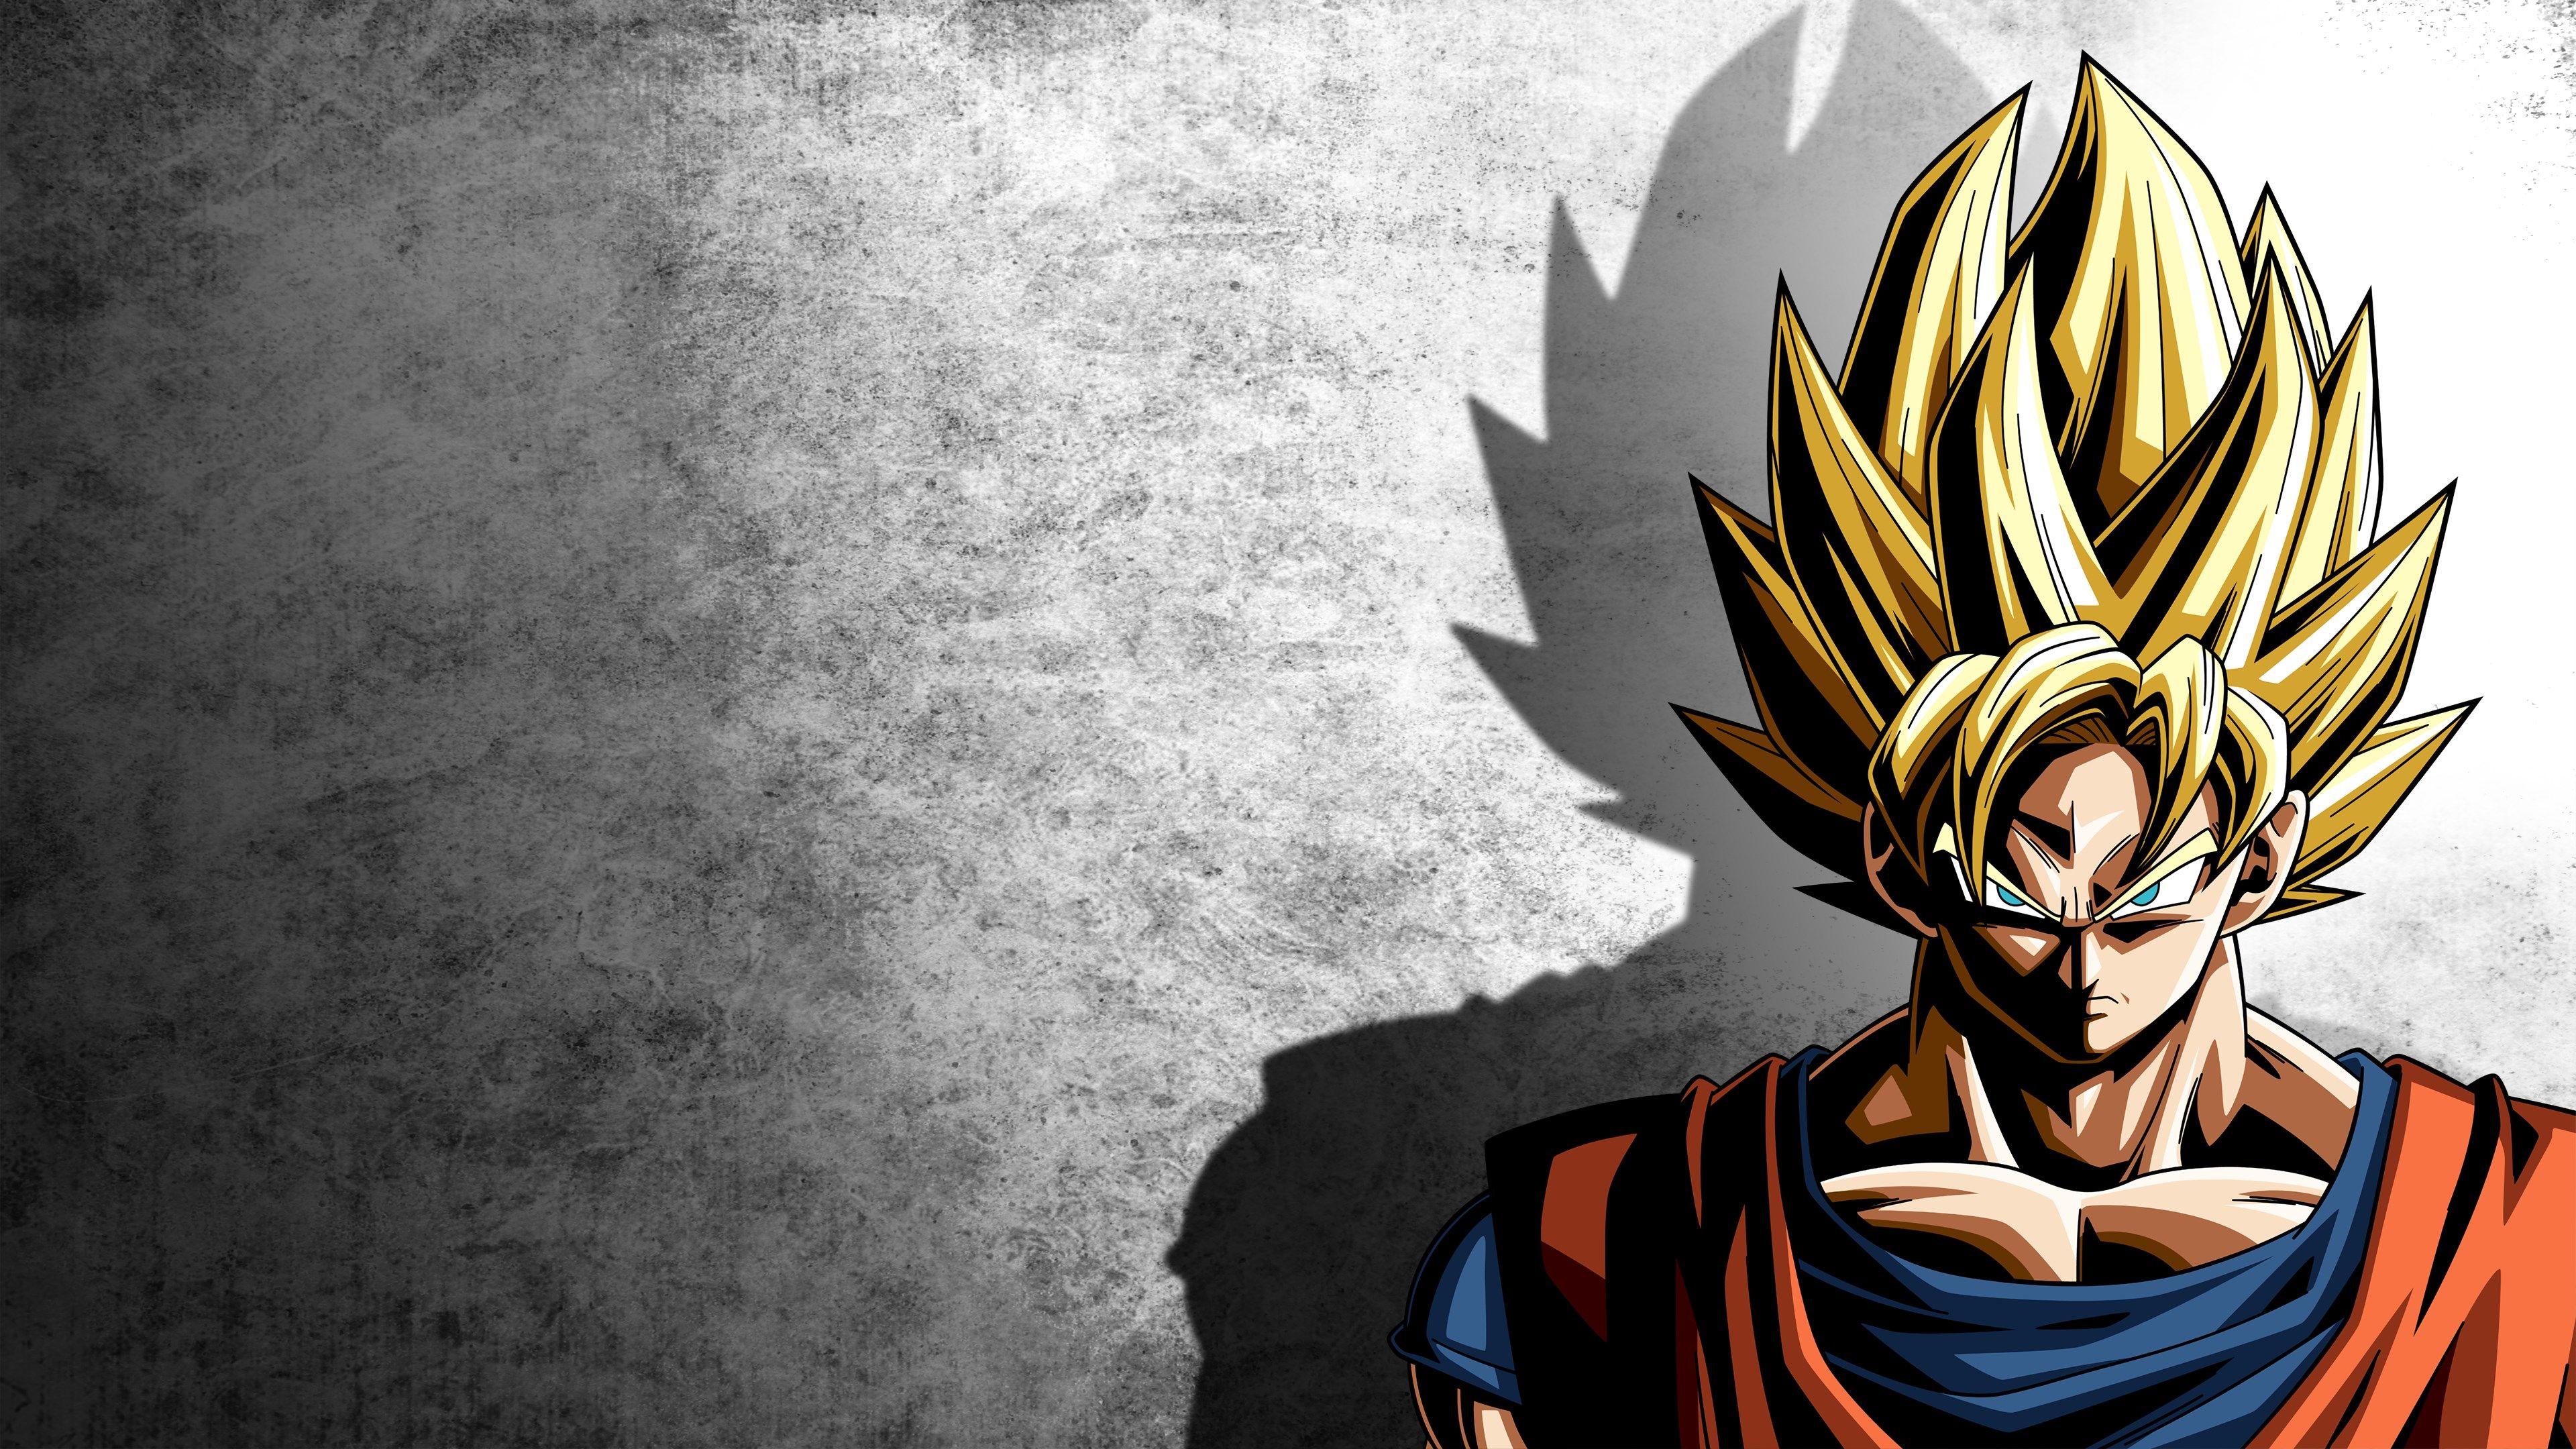 Dragon Ball Z 4k Wallpaper 3840x2160 Wallpaper Do Goku Dragon Ball Fotos De Dragao